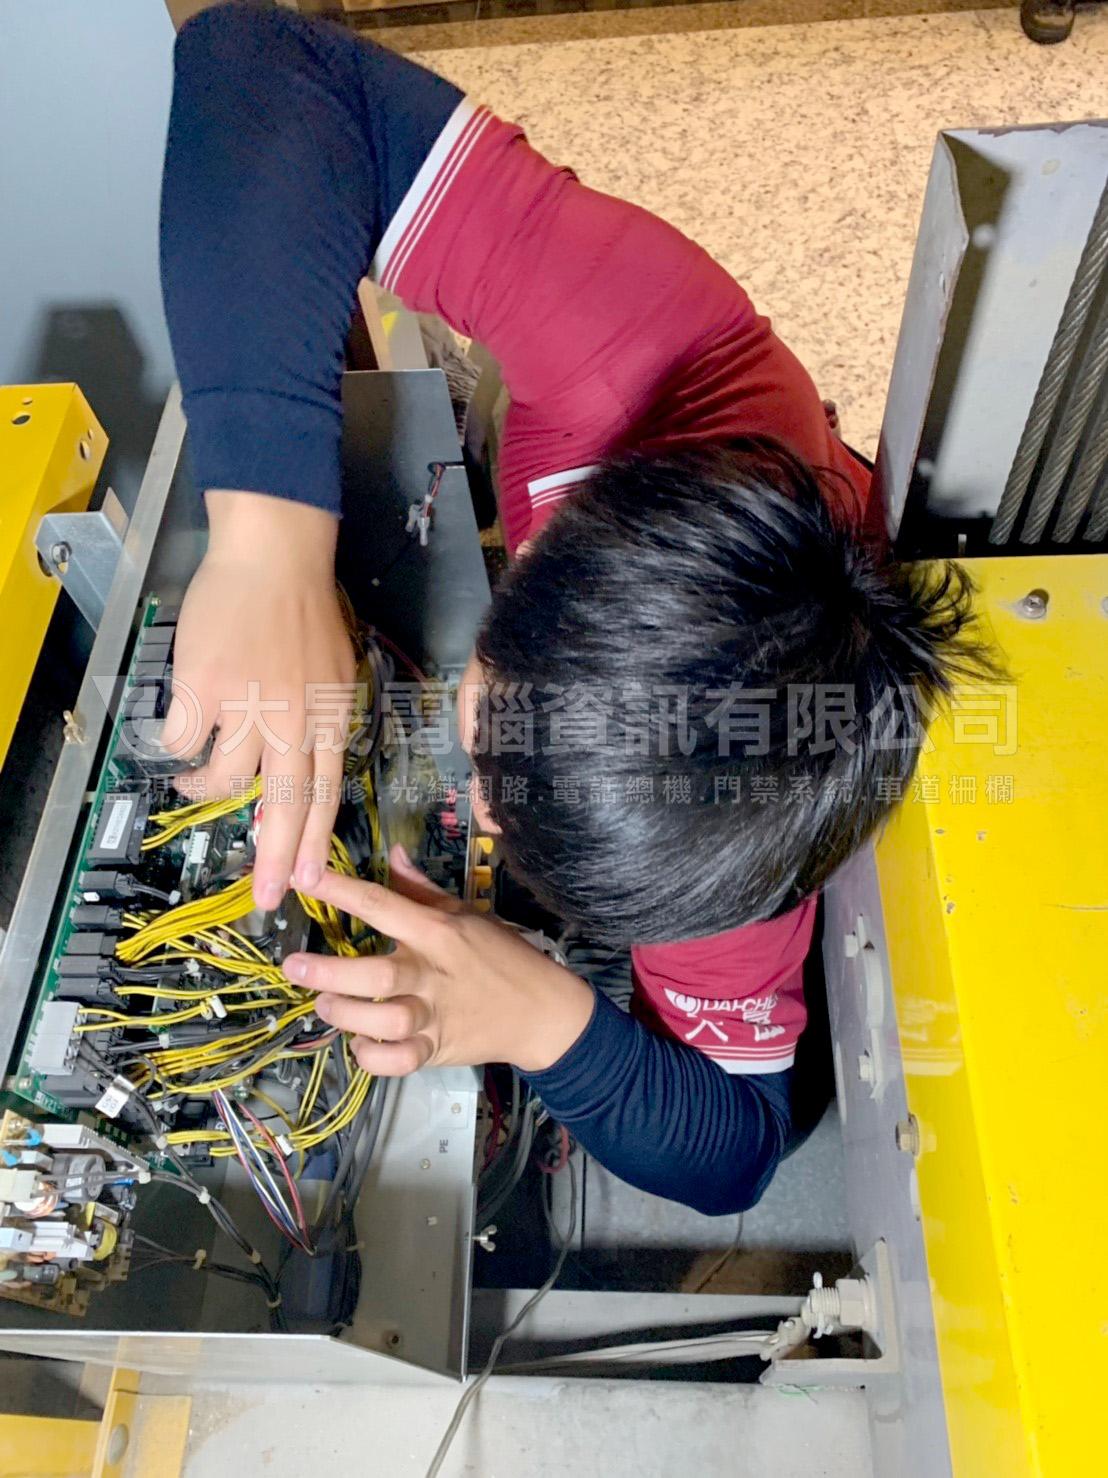 店家新開幕、安裝監視器、弱電佈線、大倉酷眼鏡板橋店、板橋監視器工程、新增監視器